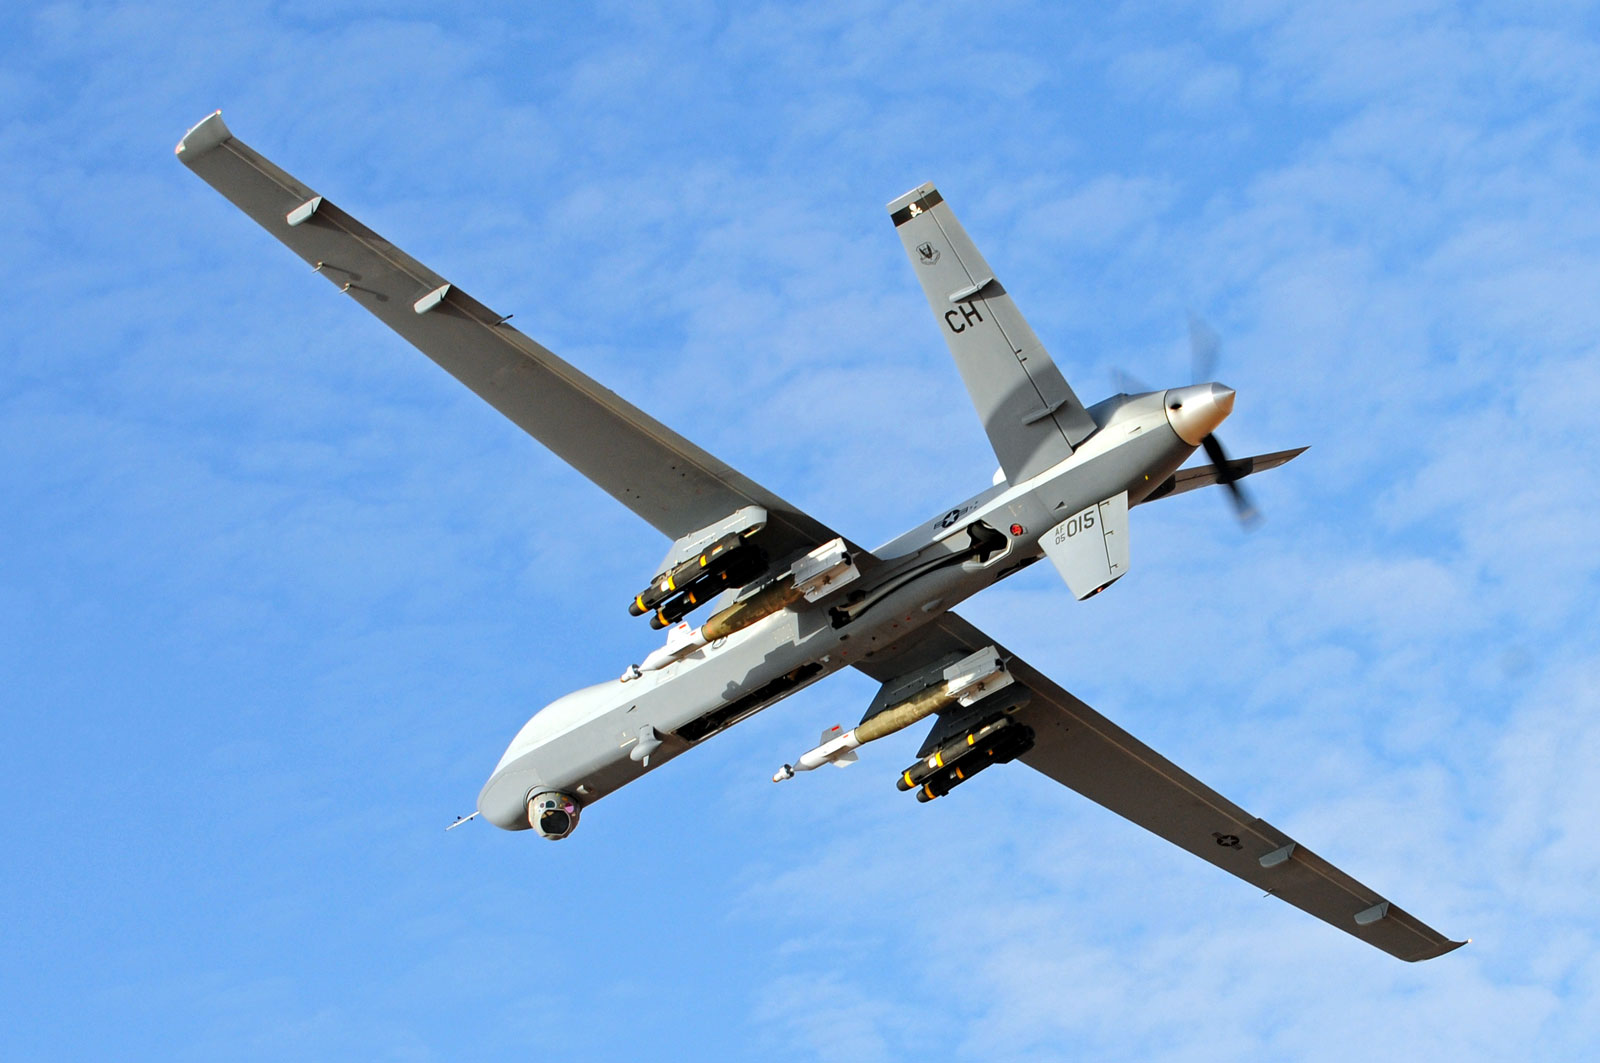 General_Atomics_MQ-9_Reaper